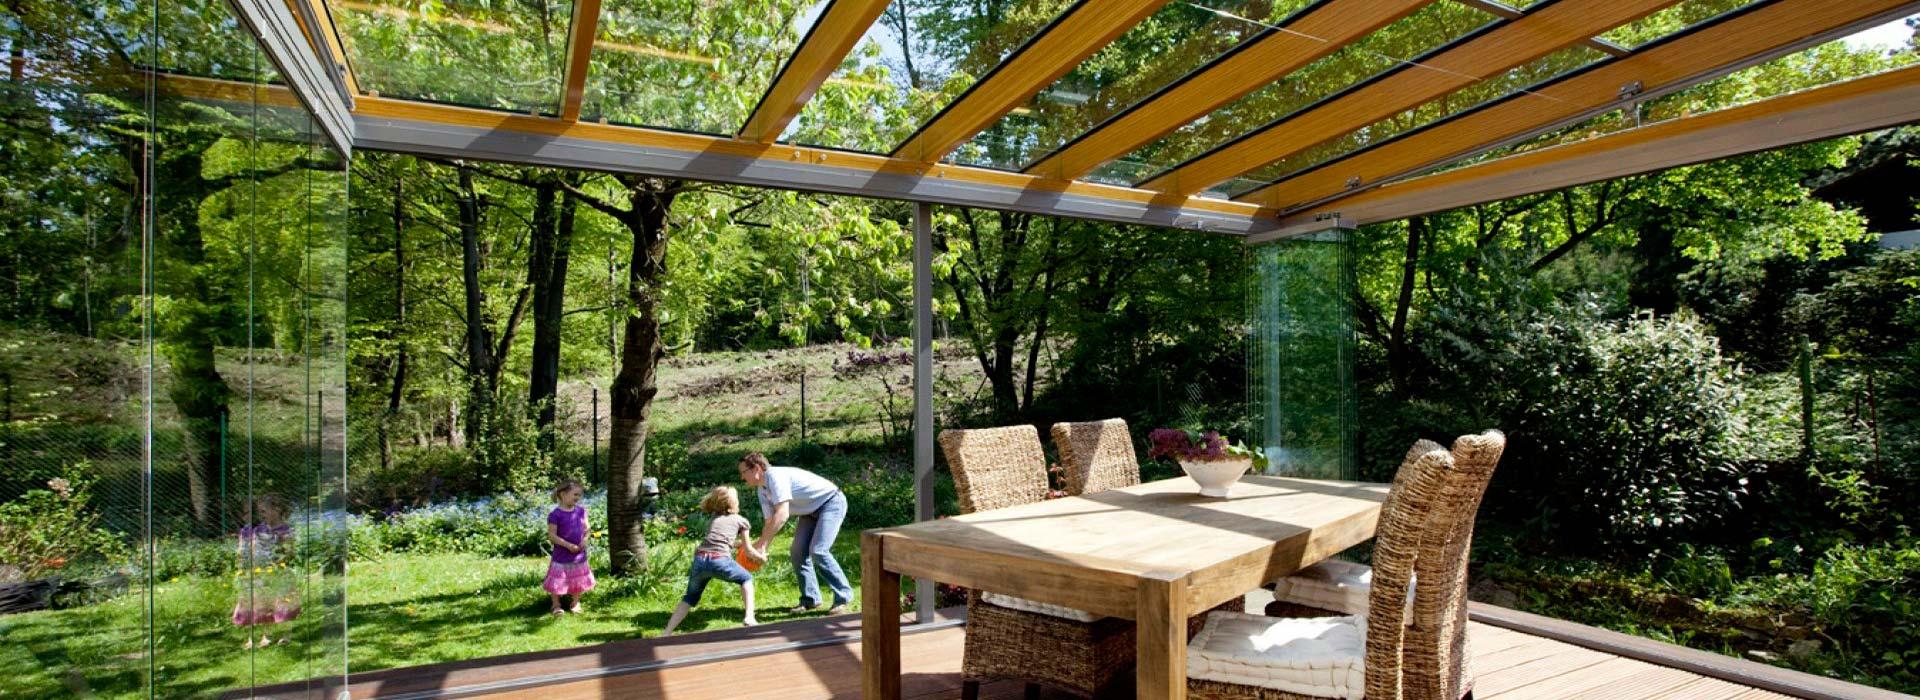 wintergarten stuttgart, terrassenüberdachung - terrassendach - holz - glashaus rehm, Design ideen